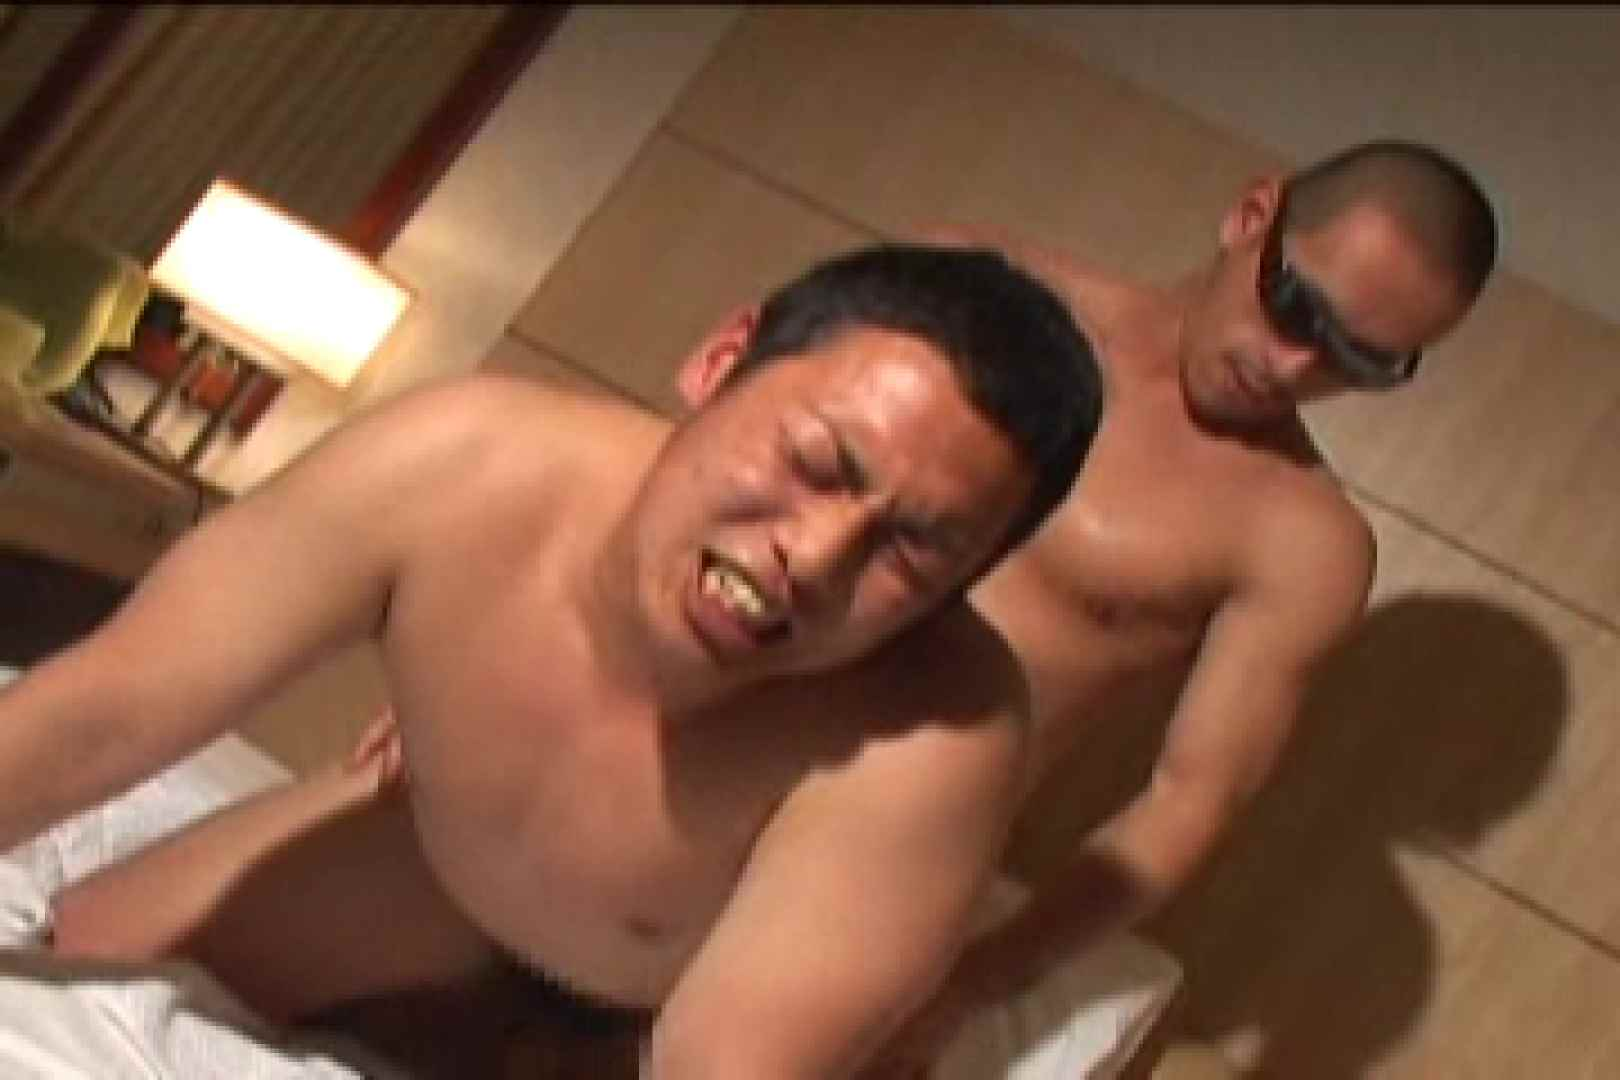 スポMENファック!!反り勃つ男根!!vol.6 男の世界 ゲイSEX画像 109画像 90